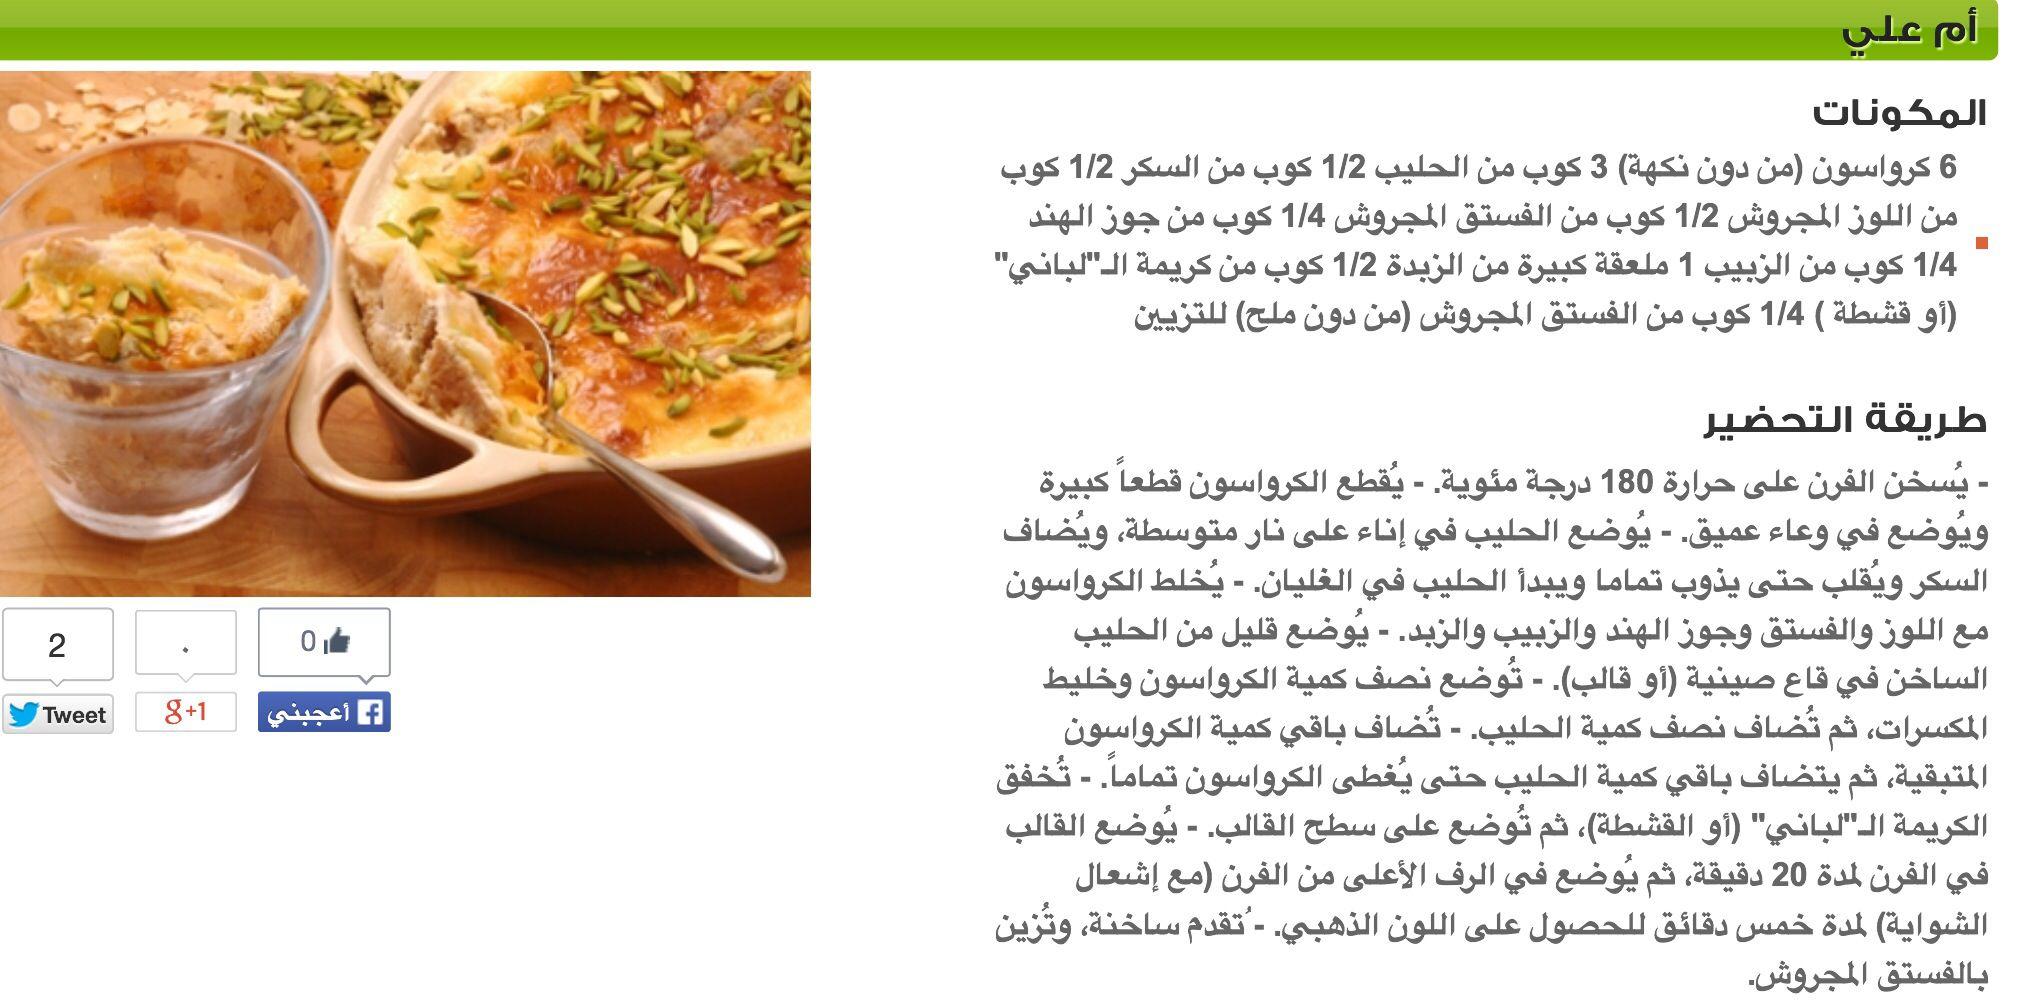 ام علي Food Natural Food Arabic Food